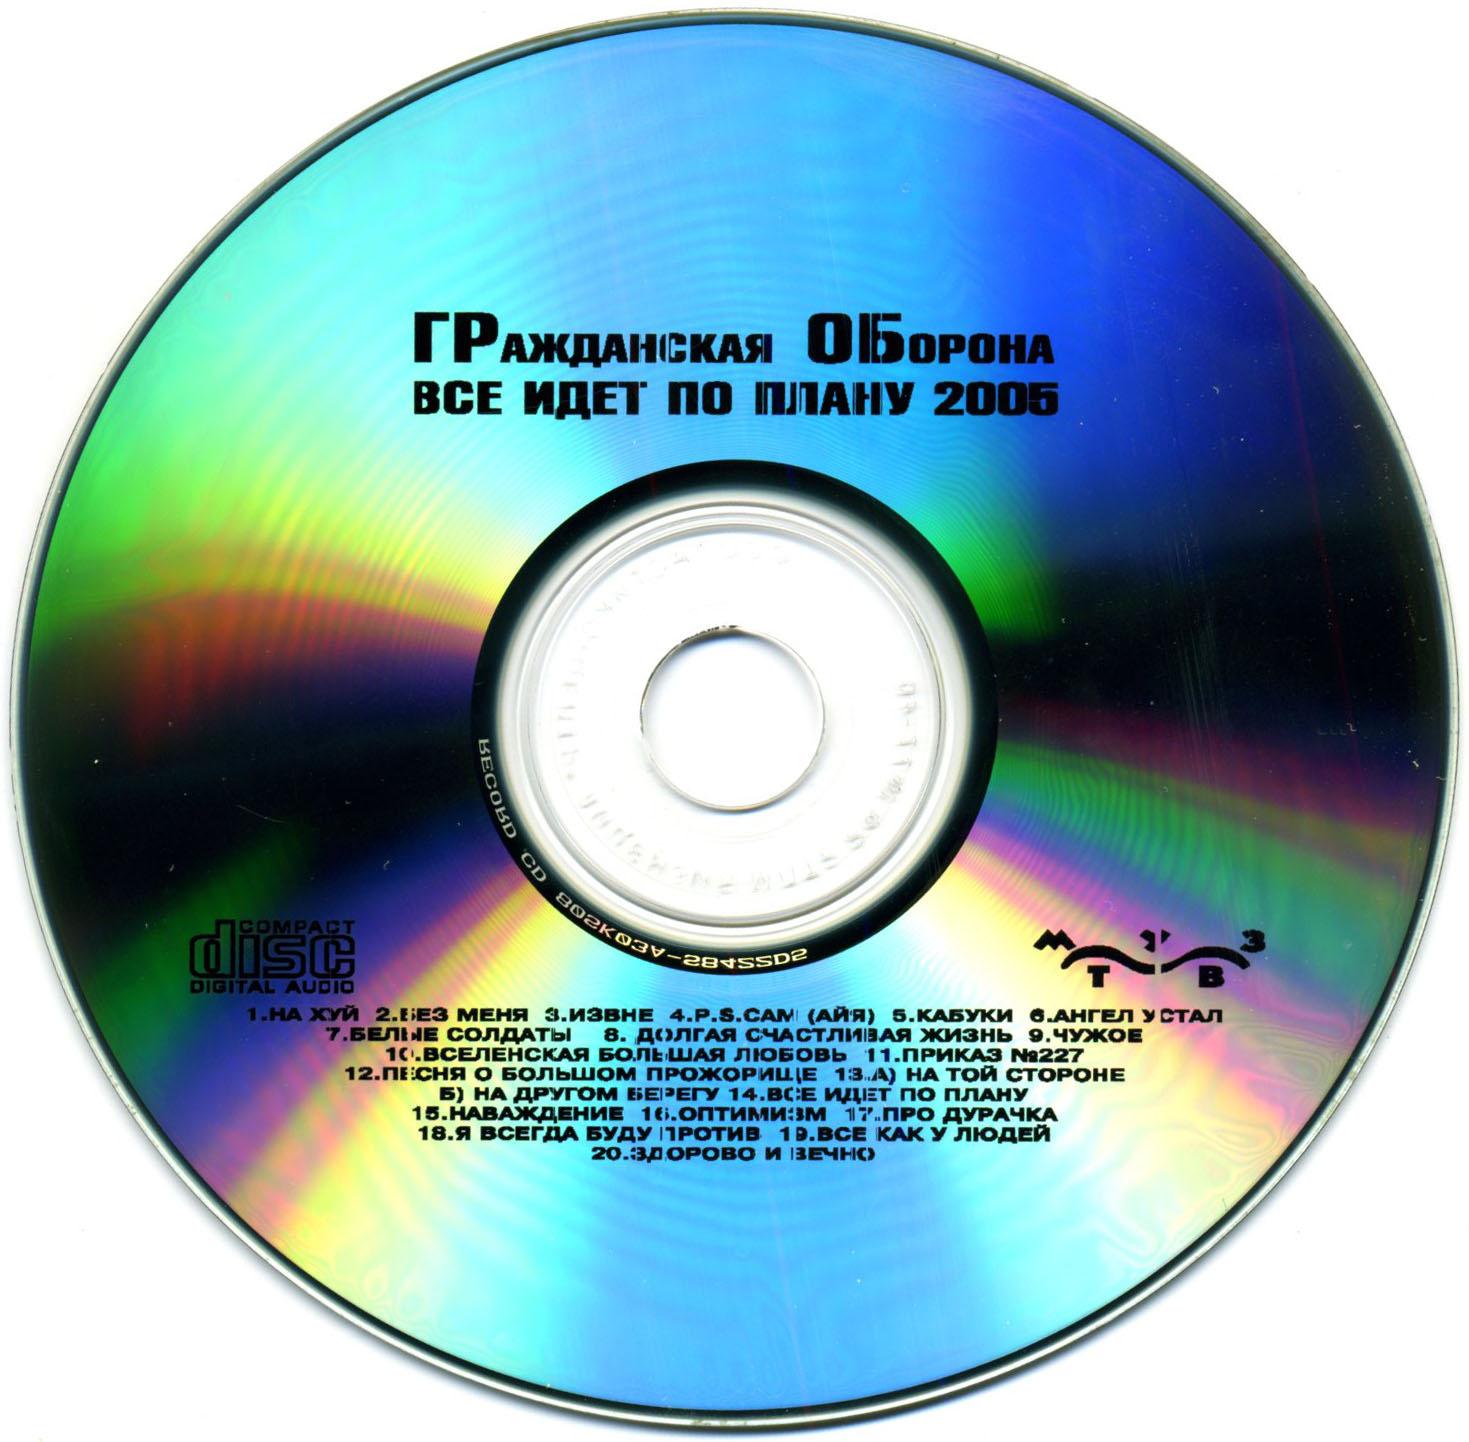 ГРАЖДАНСКАЯ ОБОРОНА ВСЕ ИДЁТ ПО ПЛАНУ 2 LP 1992 СКАЧАТЬ БЕСПЛАТНО